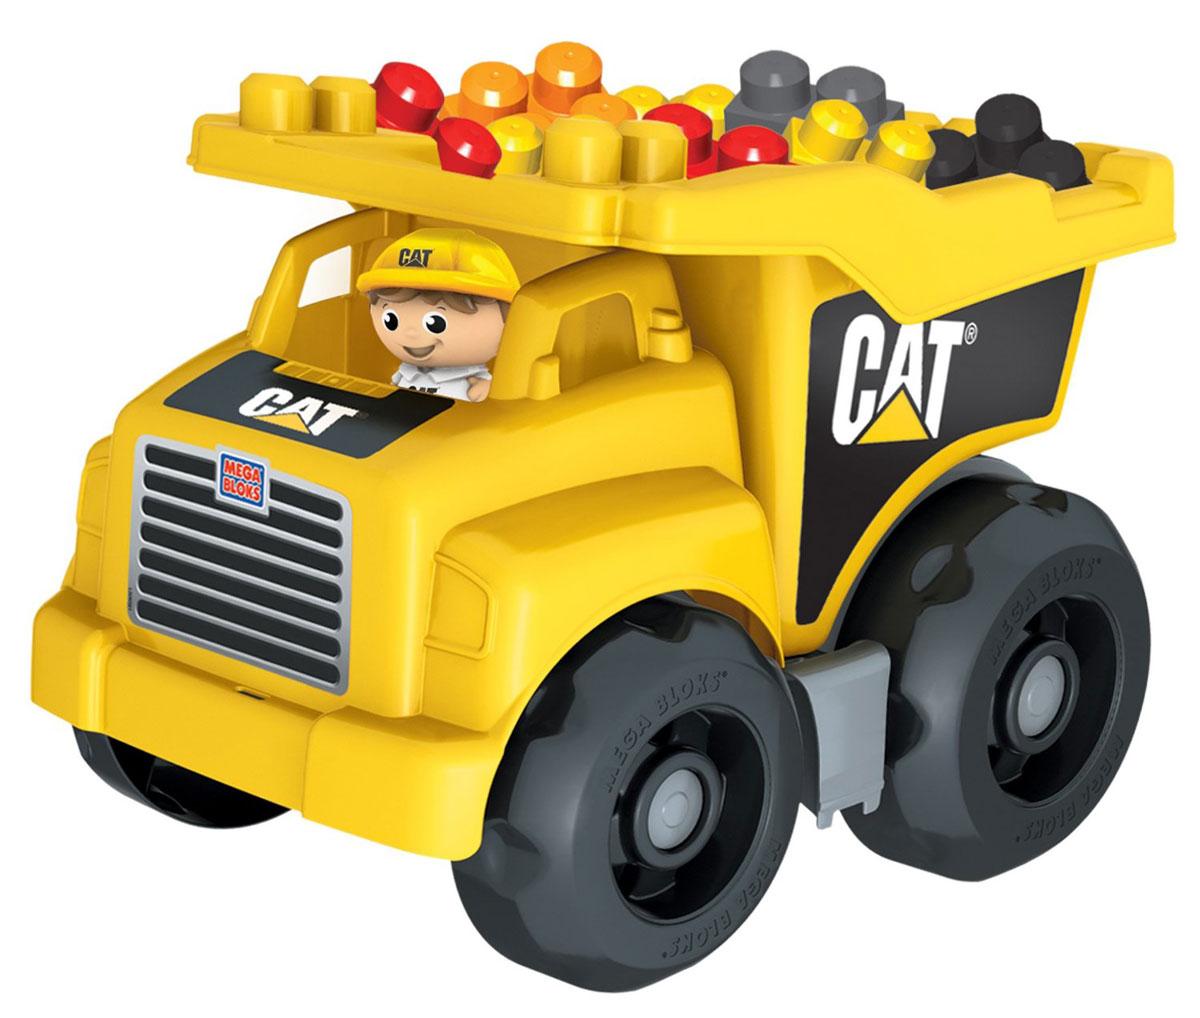 Mega Bloks First Builders Конструктор Большой самосвалDCJ86Посадите своего маленького водителя за руль большого самосвала Caterpillar от Mega Bloks! В нем ваш ребенок сможет перевозить любые предметы! Самосвал оснащен просторным опрокидывающимся кузовом, из которого можно легко высыпать груз! Идеальная игрушка для детей от 1 до 5 лет! Самосвал имеет просторный опрокидывающийся кузов, что позволяет легко разгружать перевозимые блоки! В комплект входит фигурка рабочего и 25 блоков.